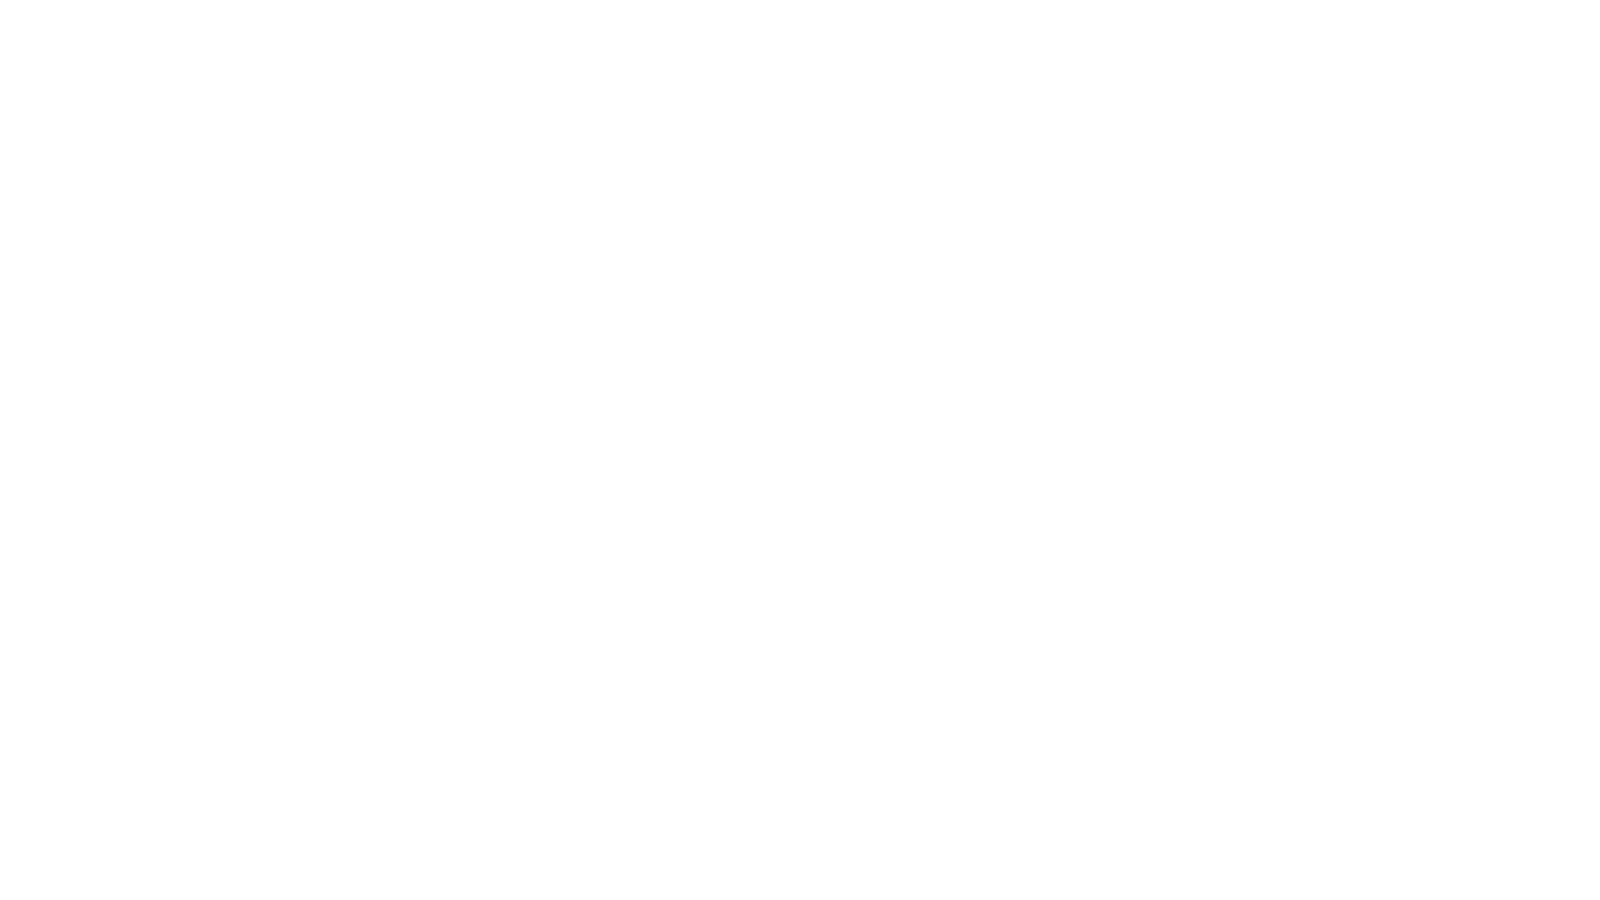 #昭和レトロ雑貨 #ミュージクベル #クリスマスソング 昭和レトロ探索のブログはこちらで  https://xn--fdkude7857ayos.tokyo/retoro/ twitter→https://twitter.com/seikei2004take インスタ https://www.instagram.com/syouwaretoro80/?hl=ja